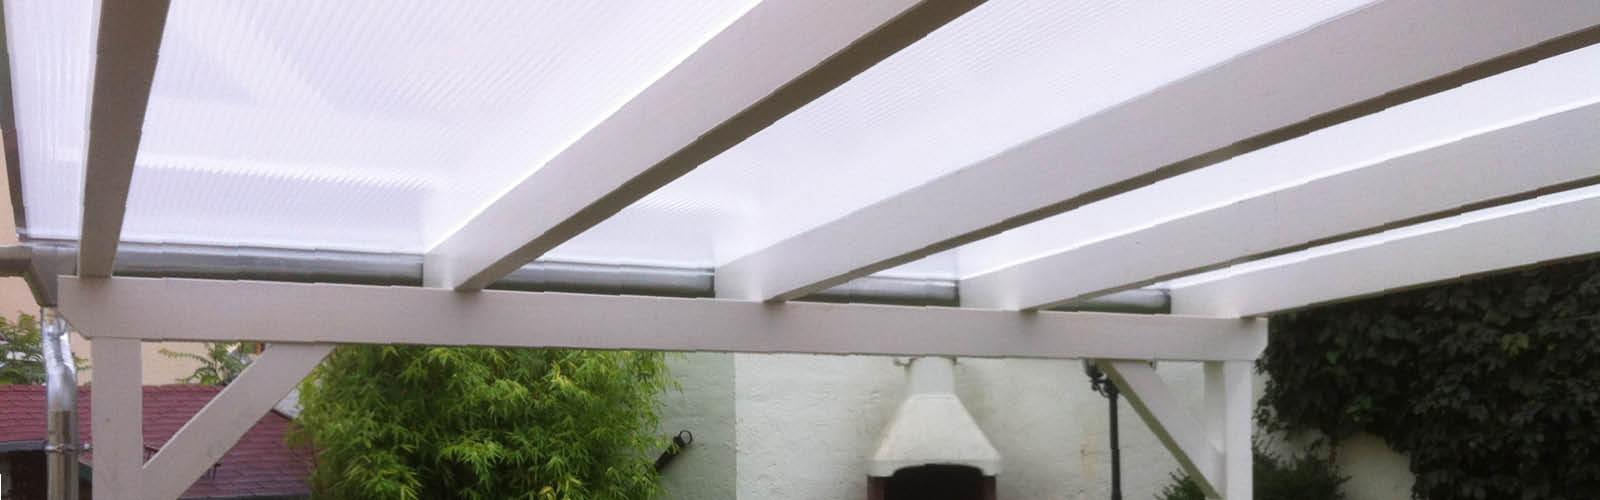 Stegplatte 16 mm Fachwerk Opalweiß mit Holzunterbau